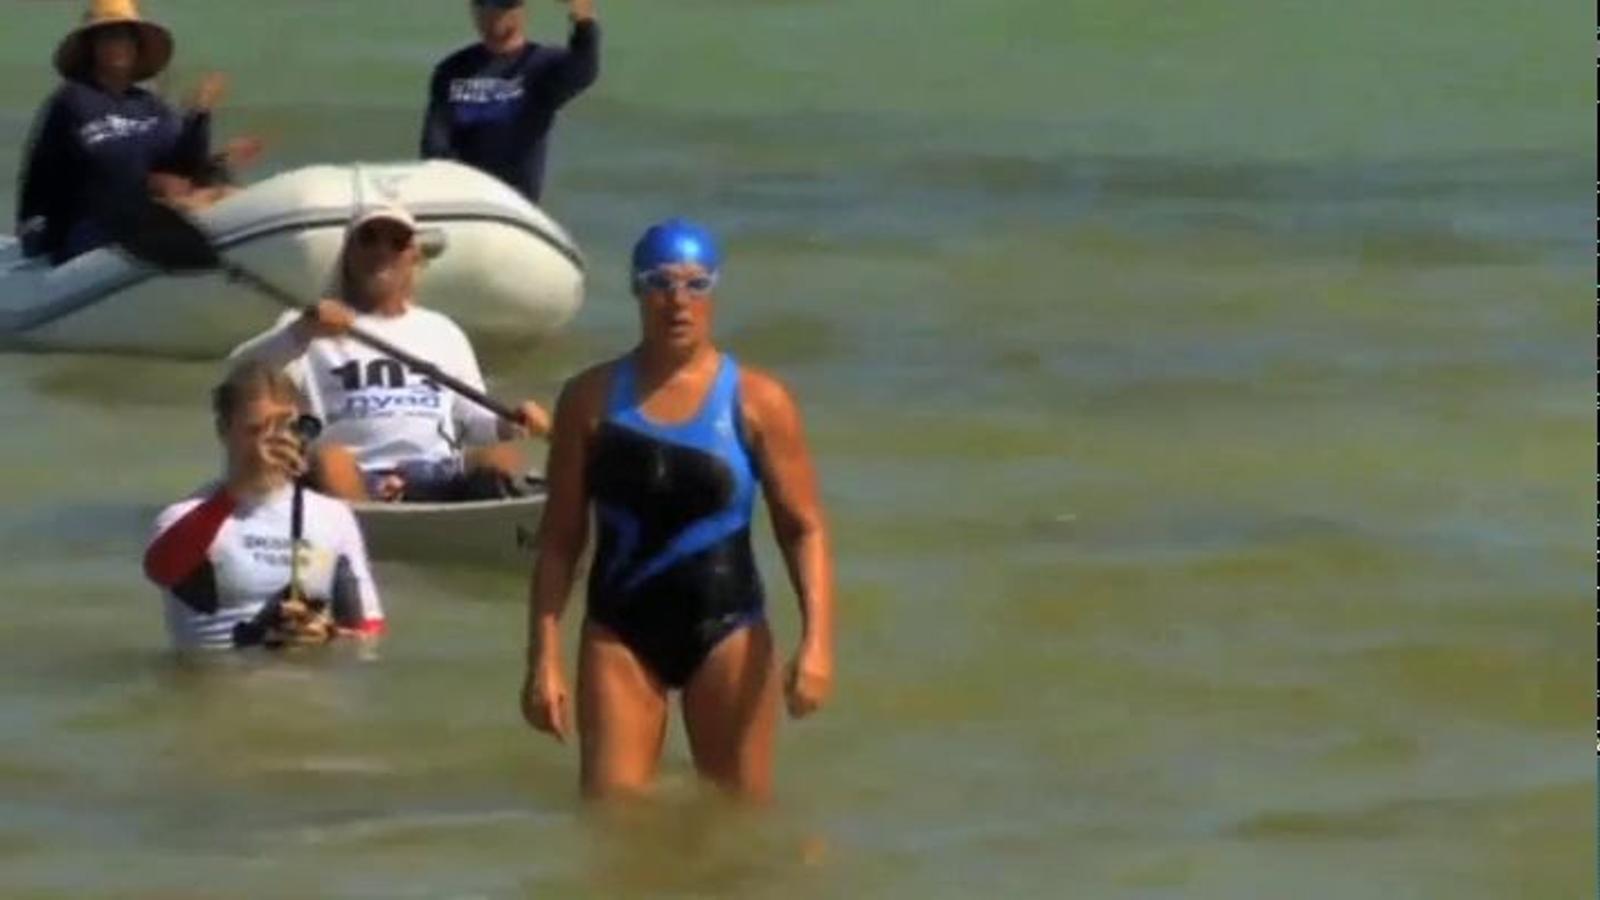 Diana Nyad abandona l'intent de creuar nedant l'estret de Florida